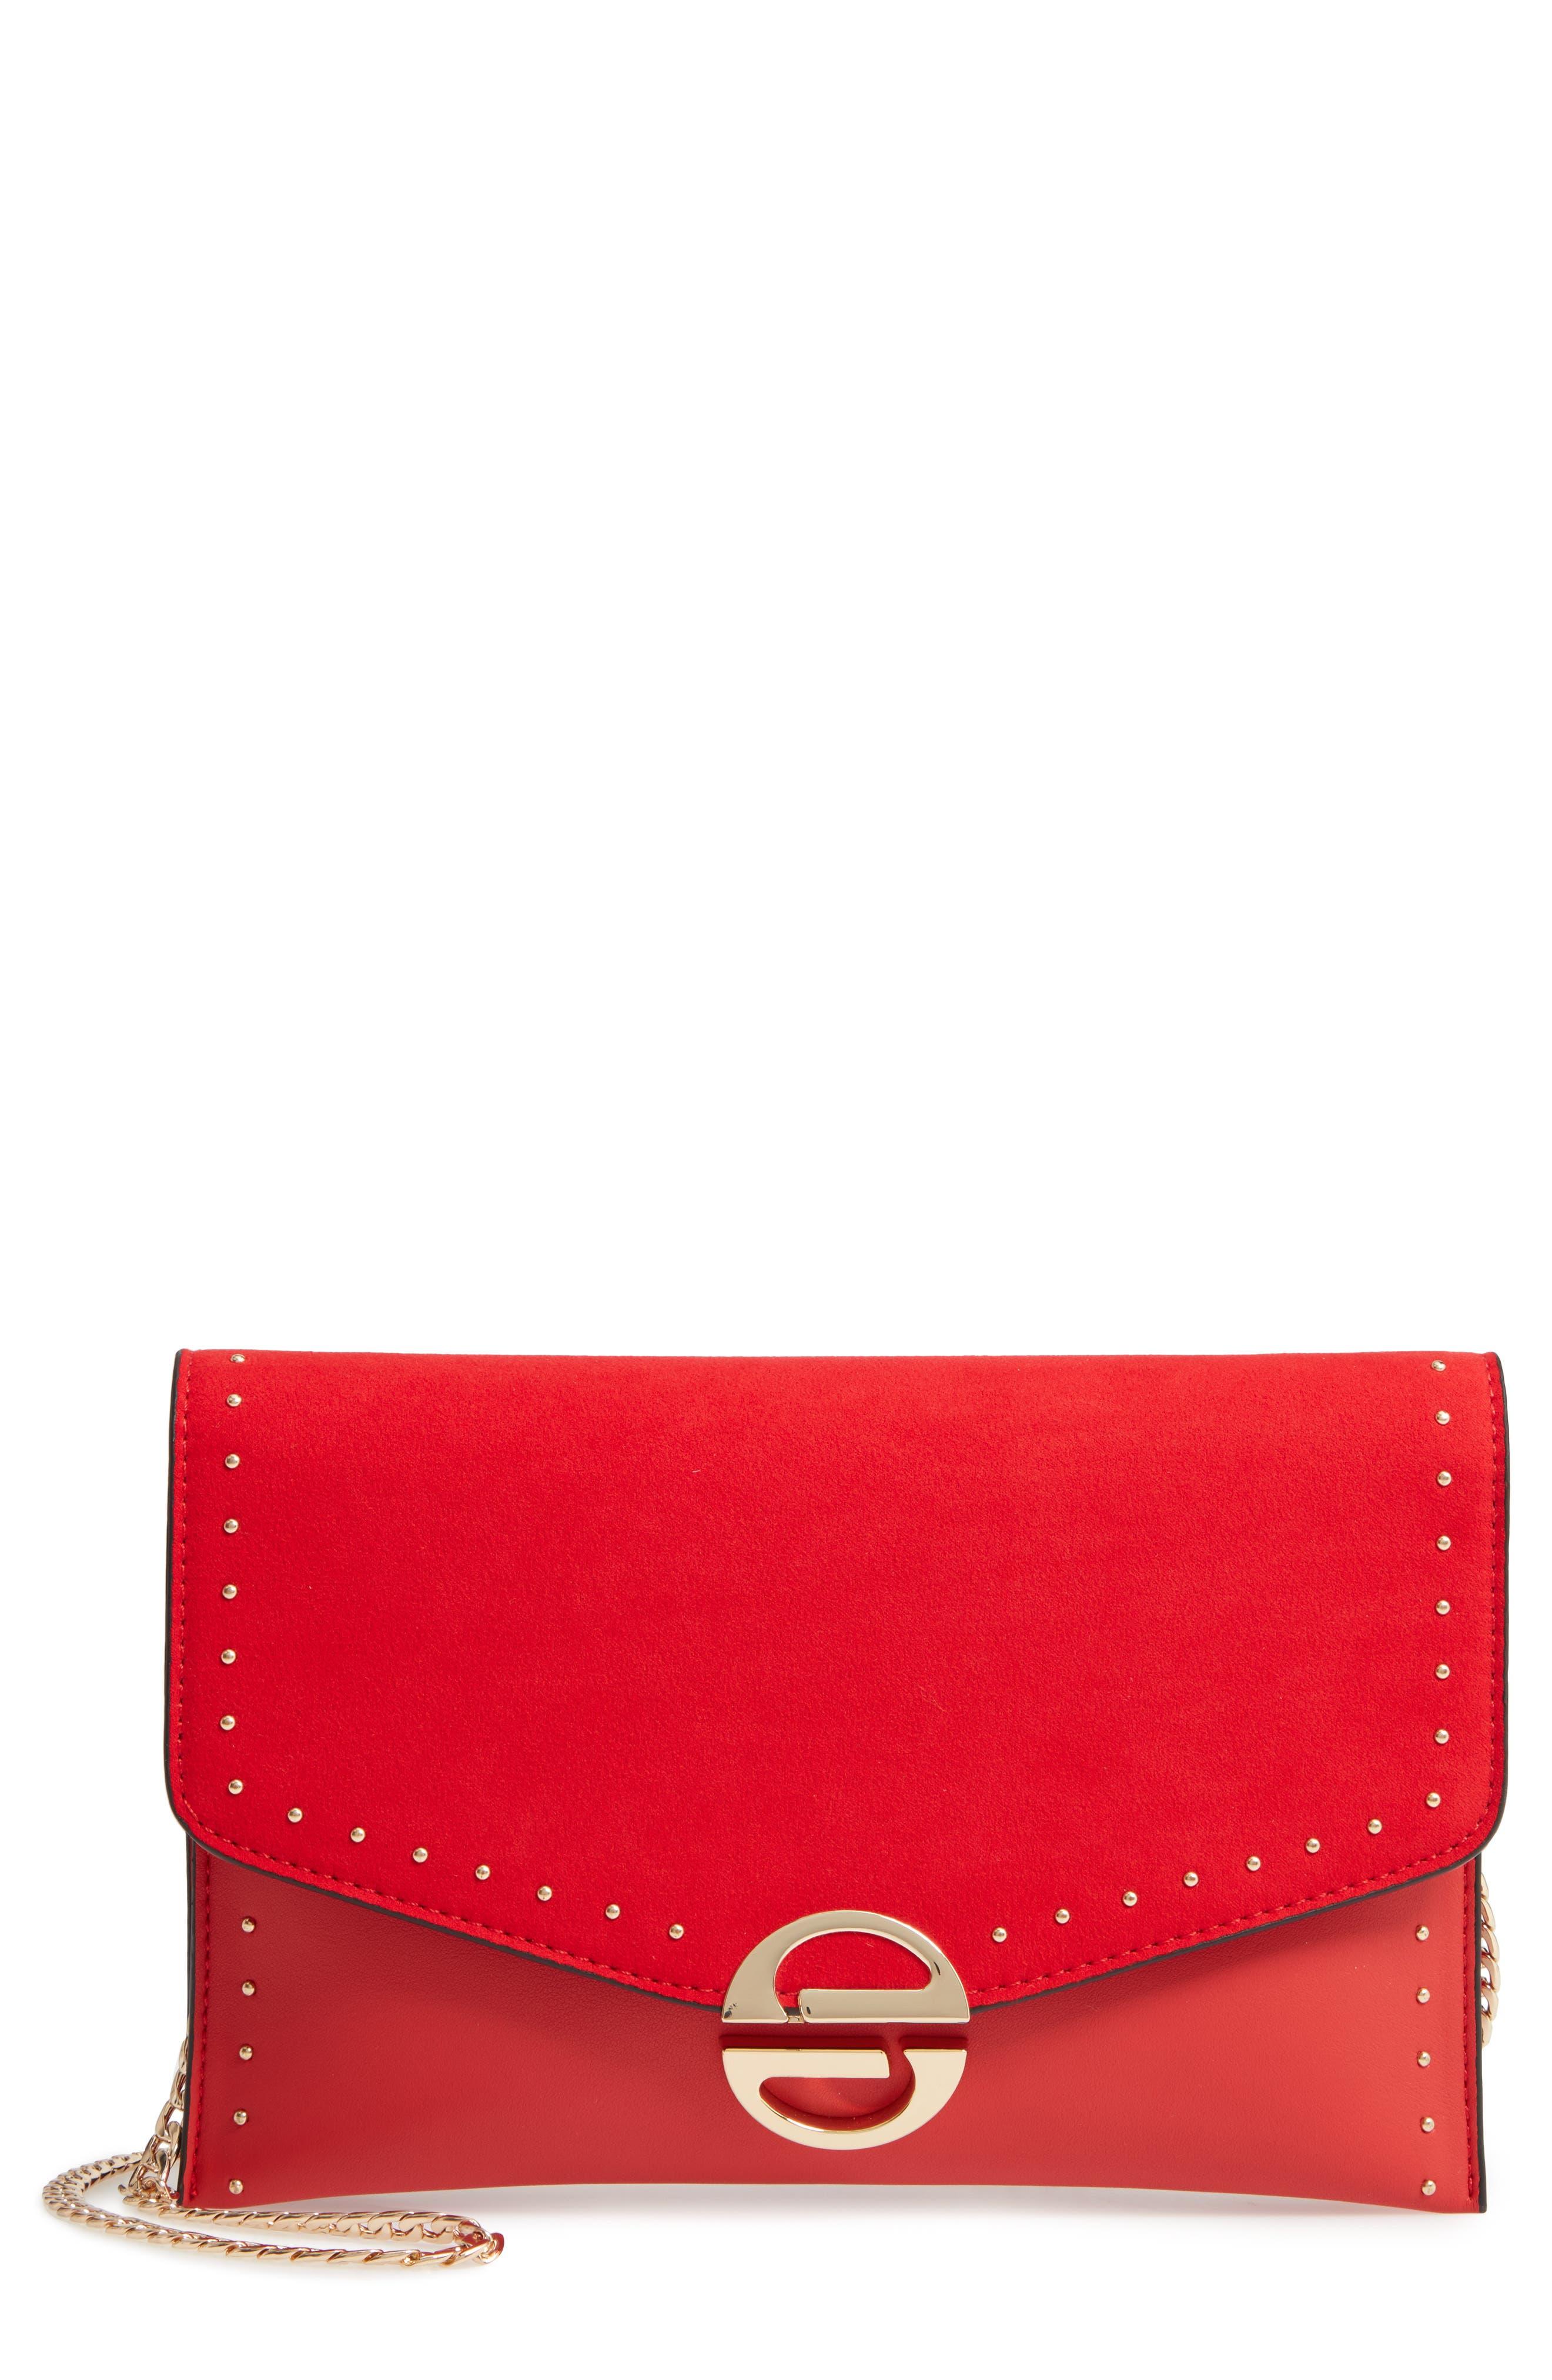 topshop clutch bags  1a246388159cb